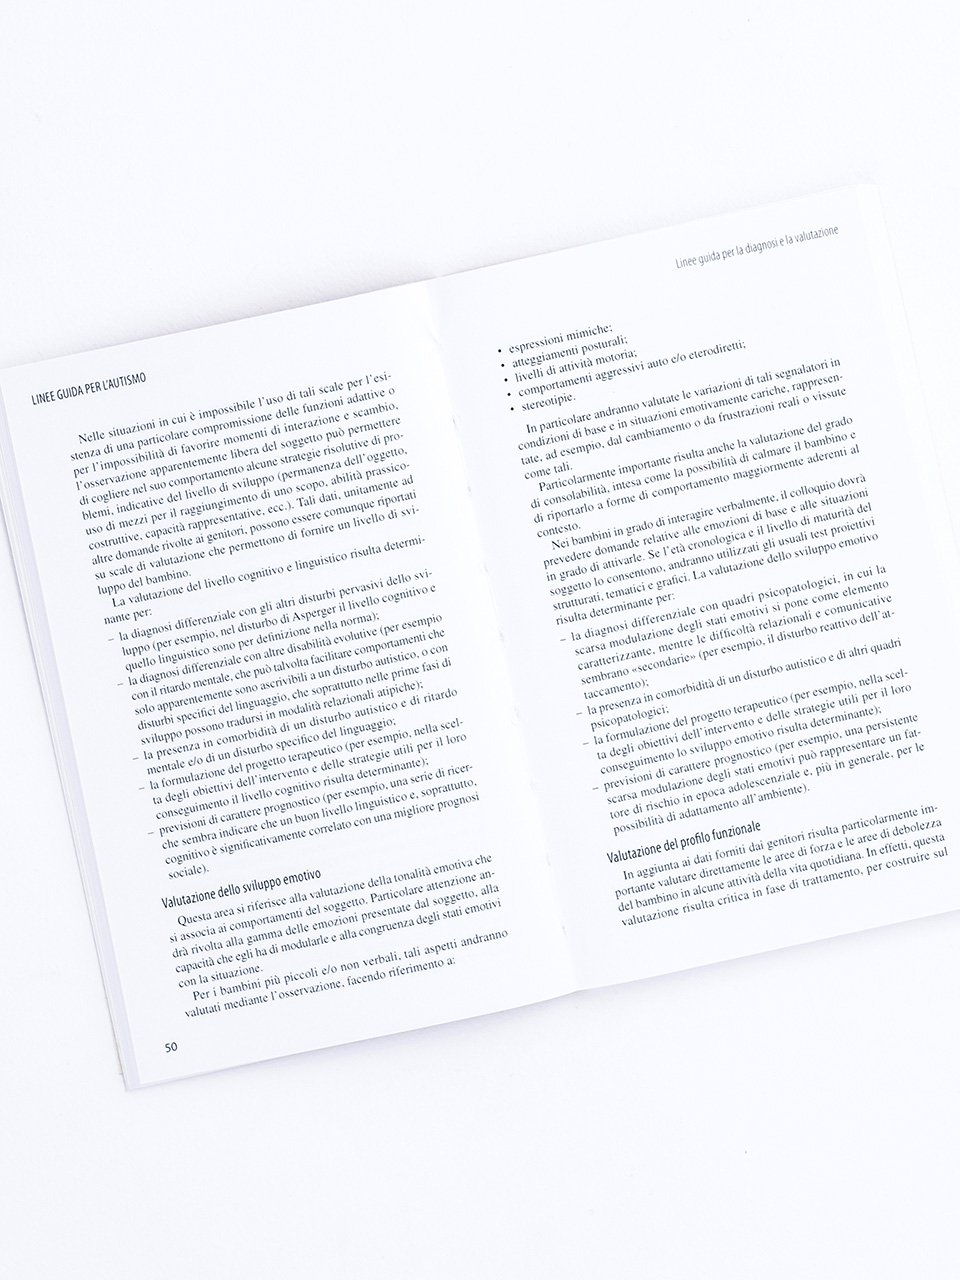 Linee guida per l'autismo - Libri - Erickson 2